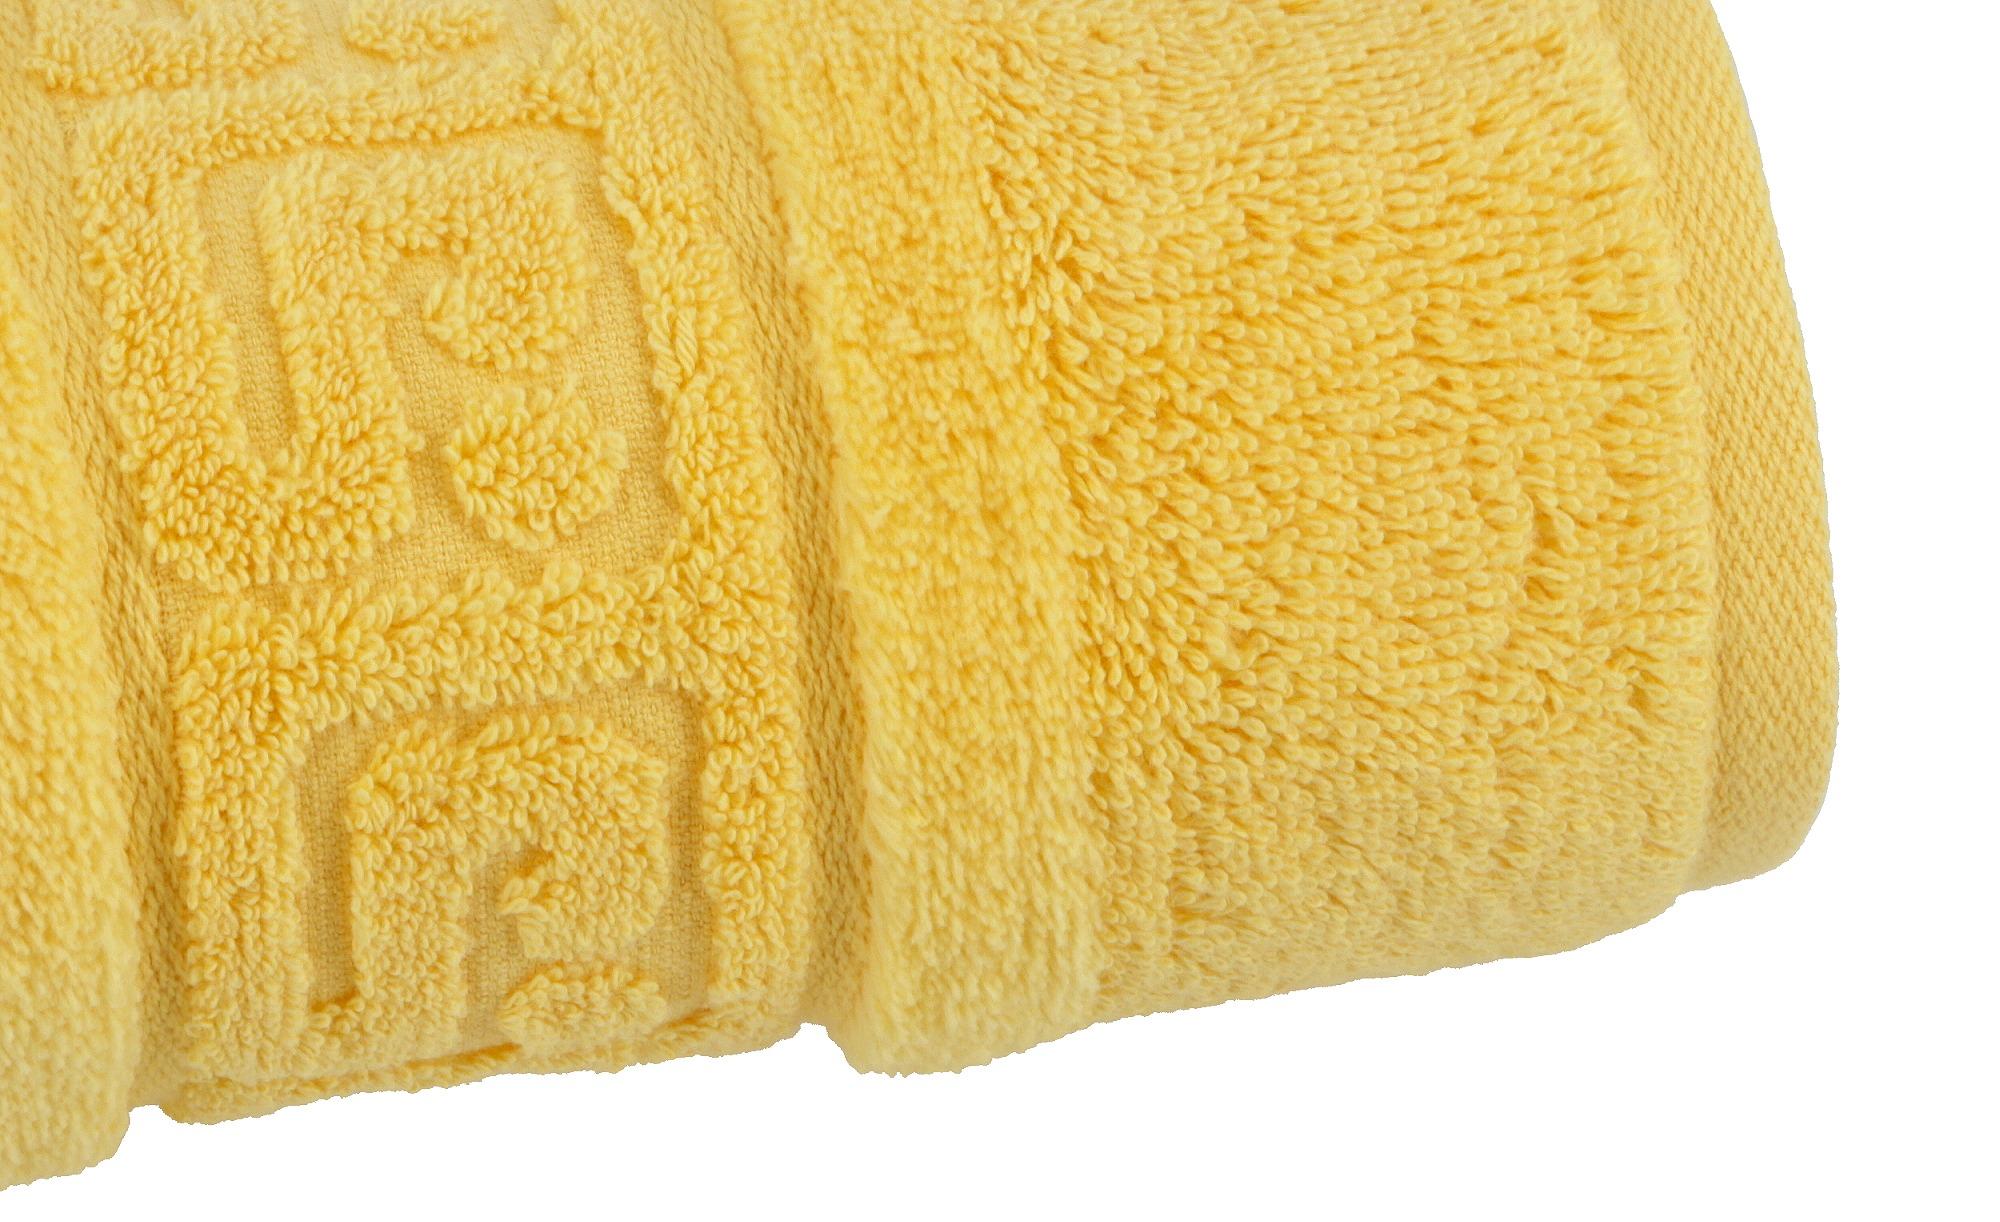 CaWö Handtuch  1001 ¦ gelb ¦ 100% Baumwolle ¦ Maße (cm): B: 50 Badtextilien und Zubehör > Handtücher & Badetücher > Handtücher - Höffner